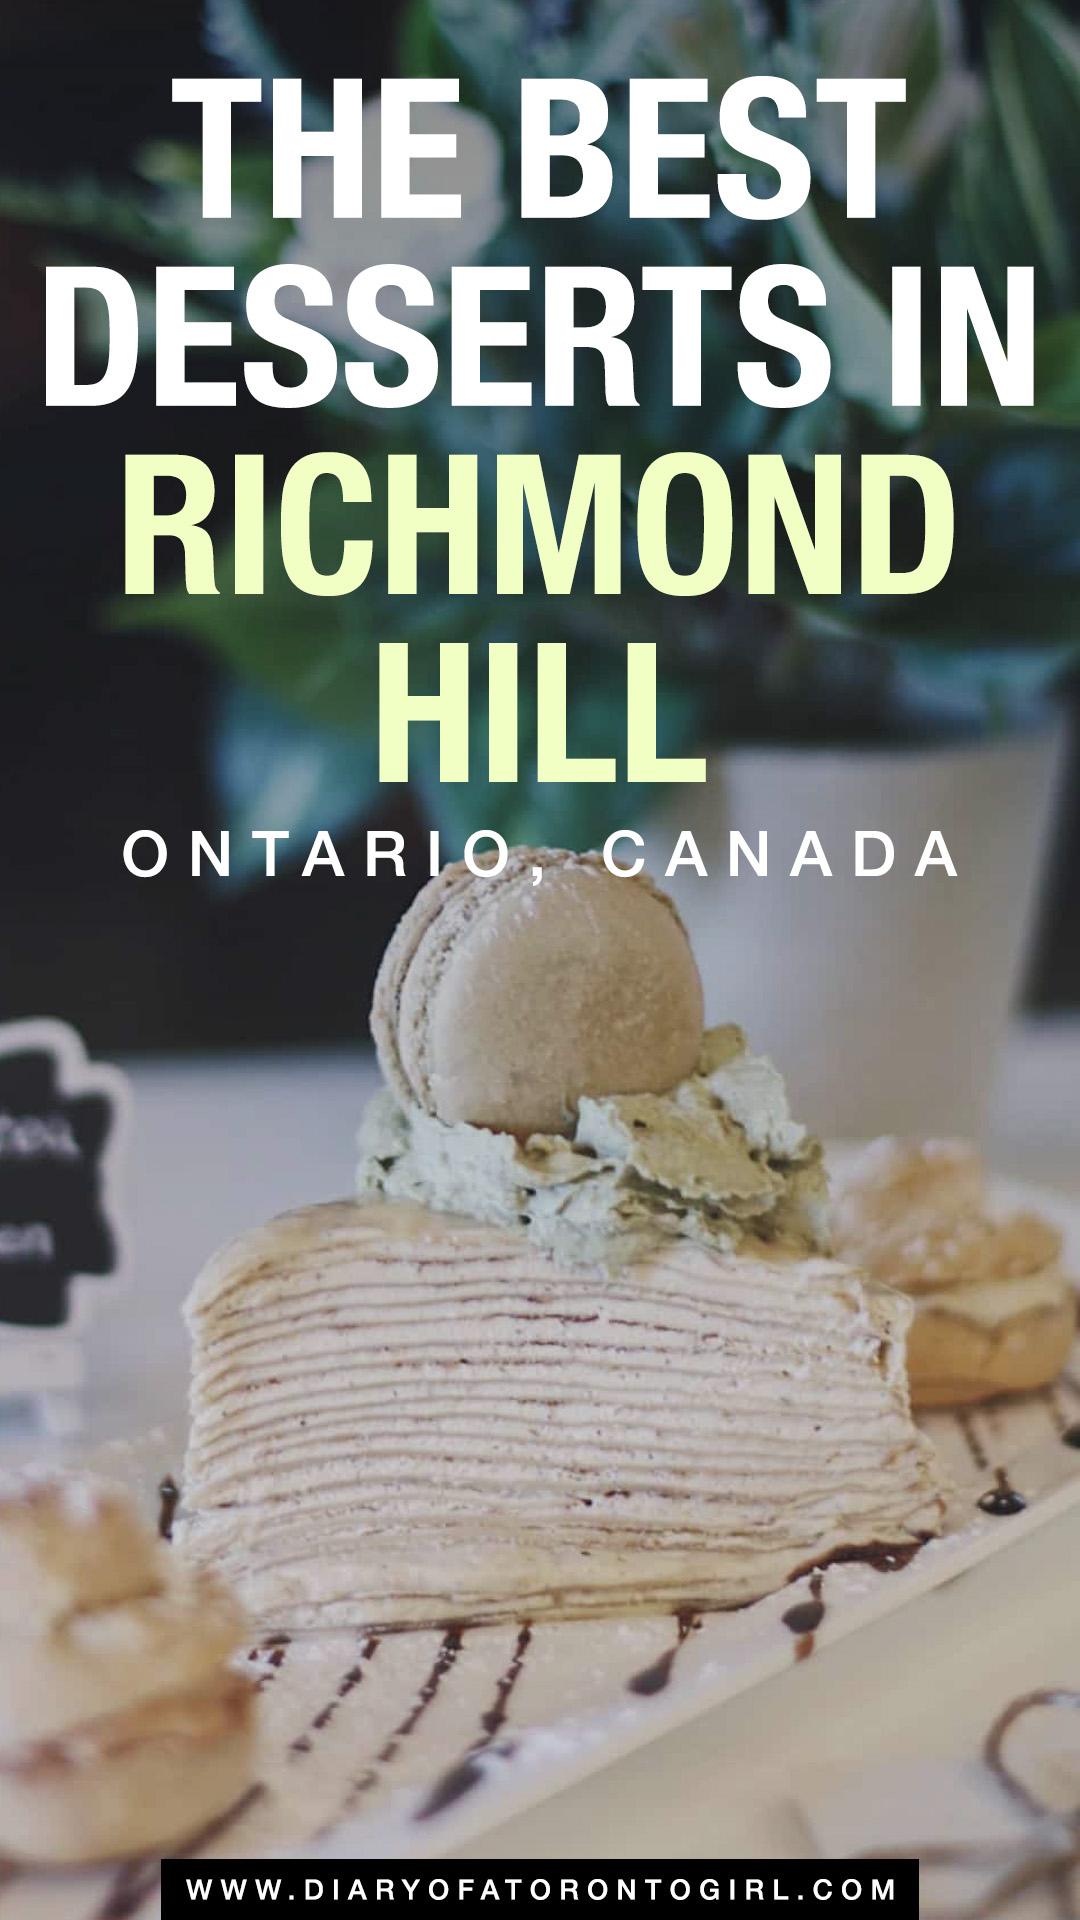 Best dessert places in Richmond Hill, Ontario